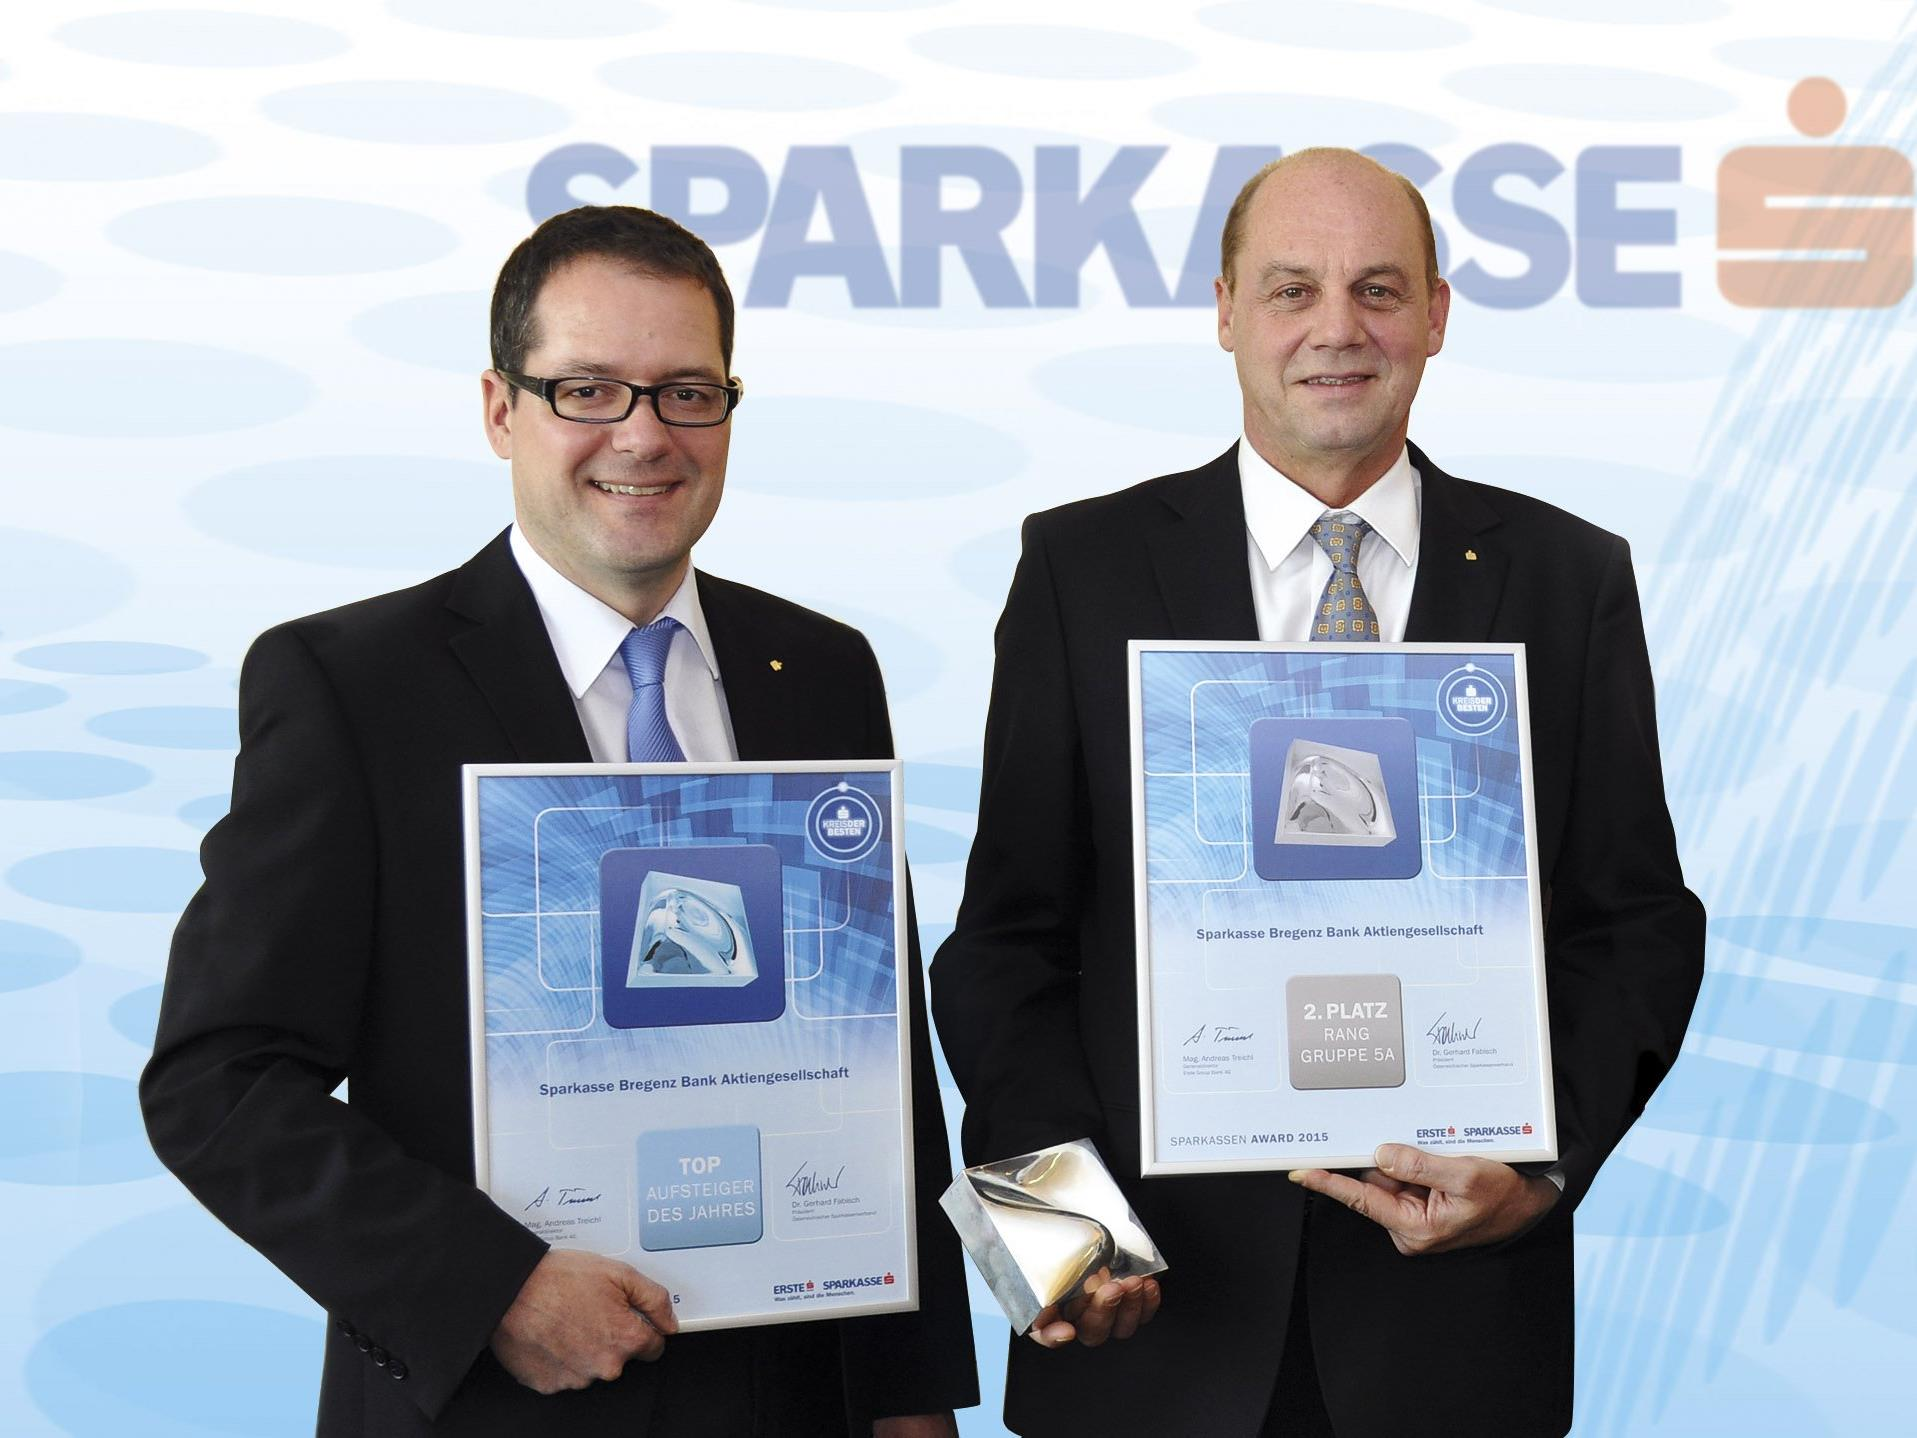 Die beiden Vorstände, Mag. Martin Jäger und Mag. Gerhard Lutz, freuen sich über den 2. Platz in ihrer Ranggruppe und den Titel 'Top Aufsteiger des Jahres'.